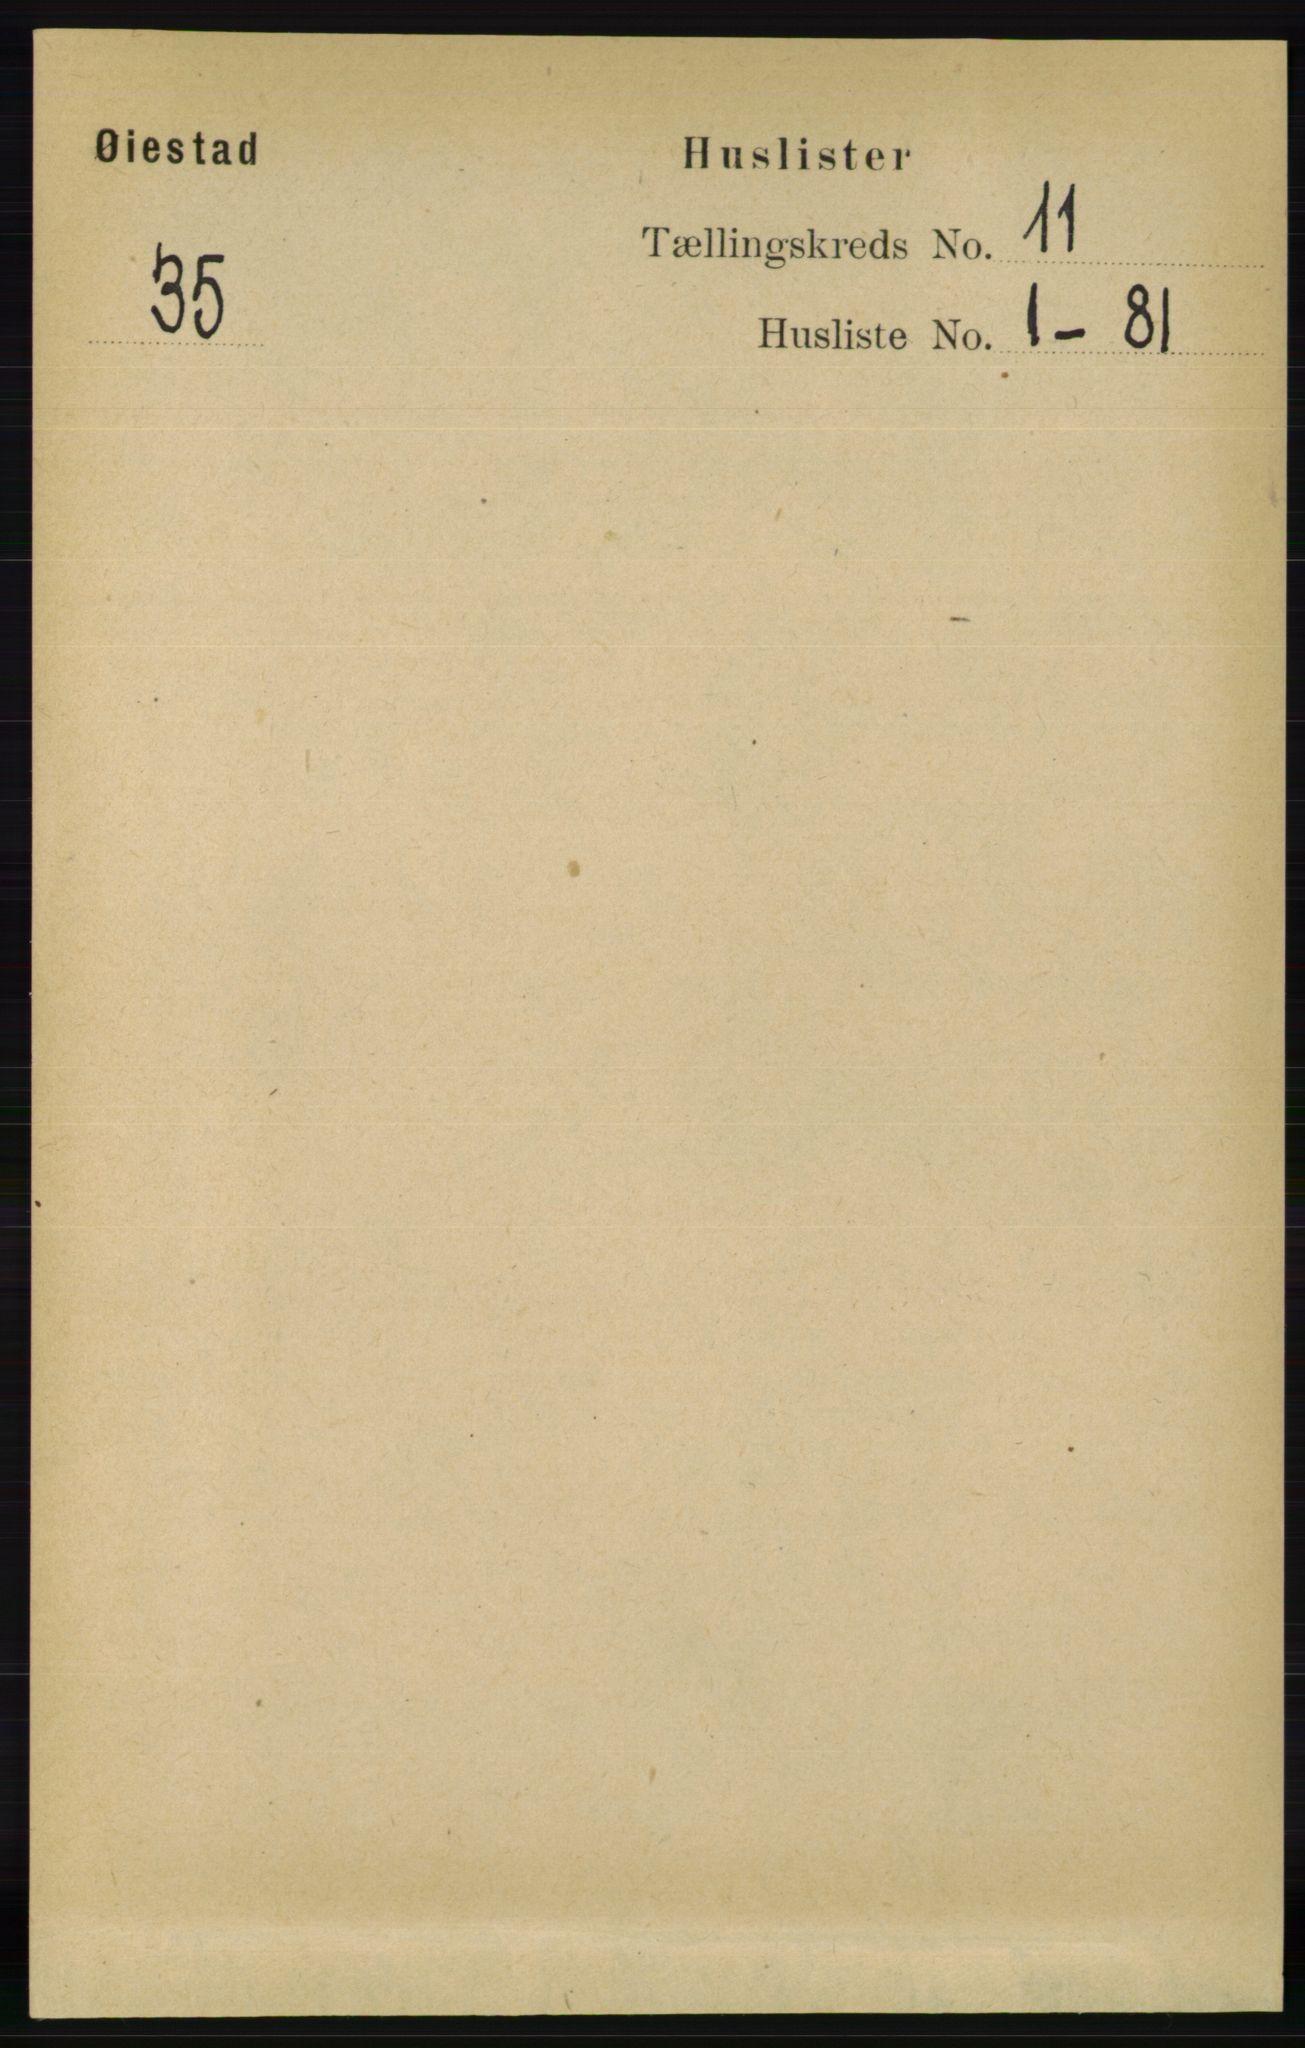 RA, Folketelling 1891 for 0920 Øyestad herred, 1891, s. 4728